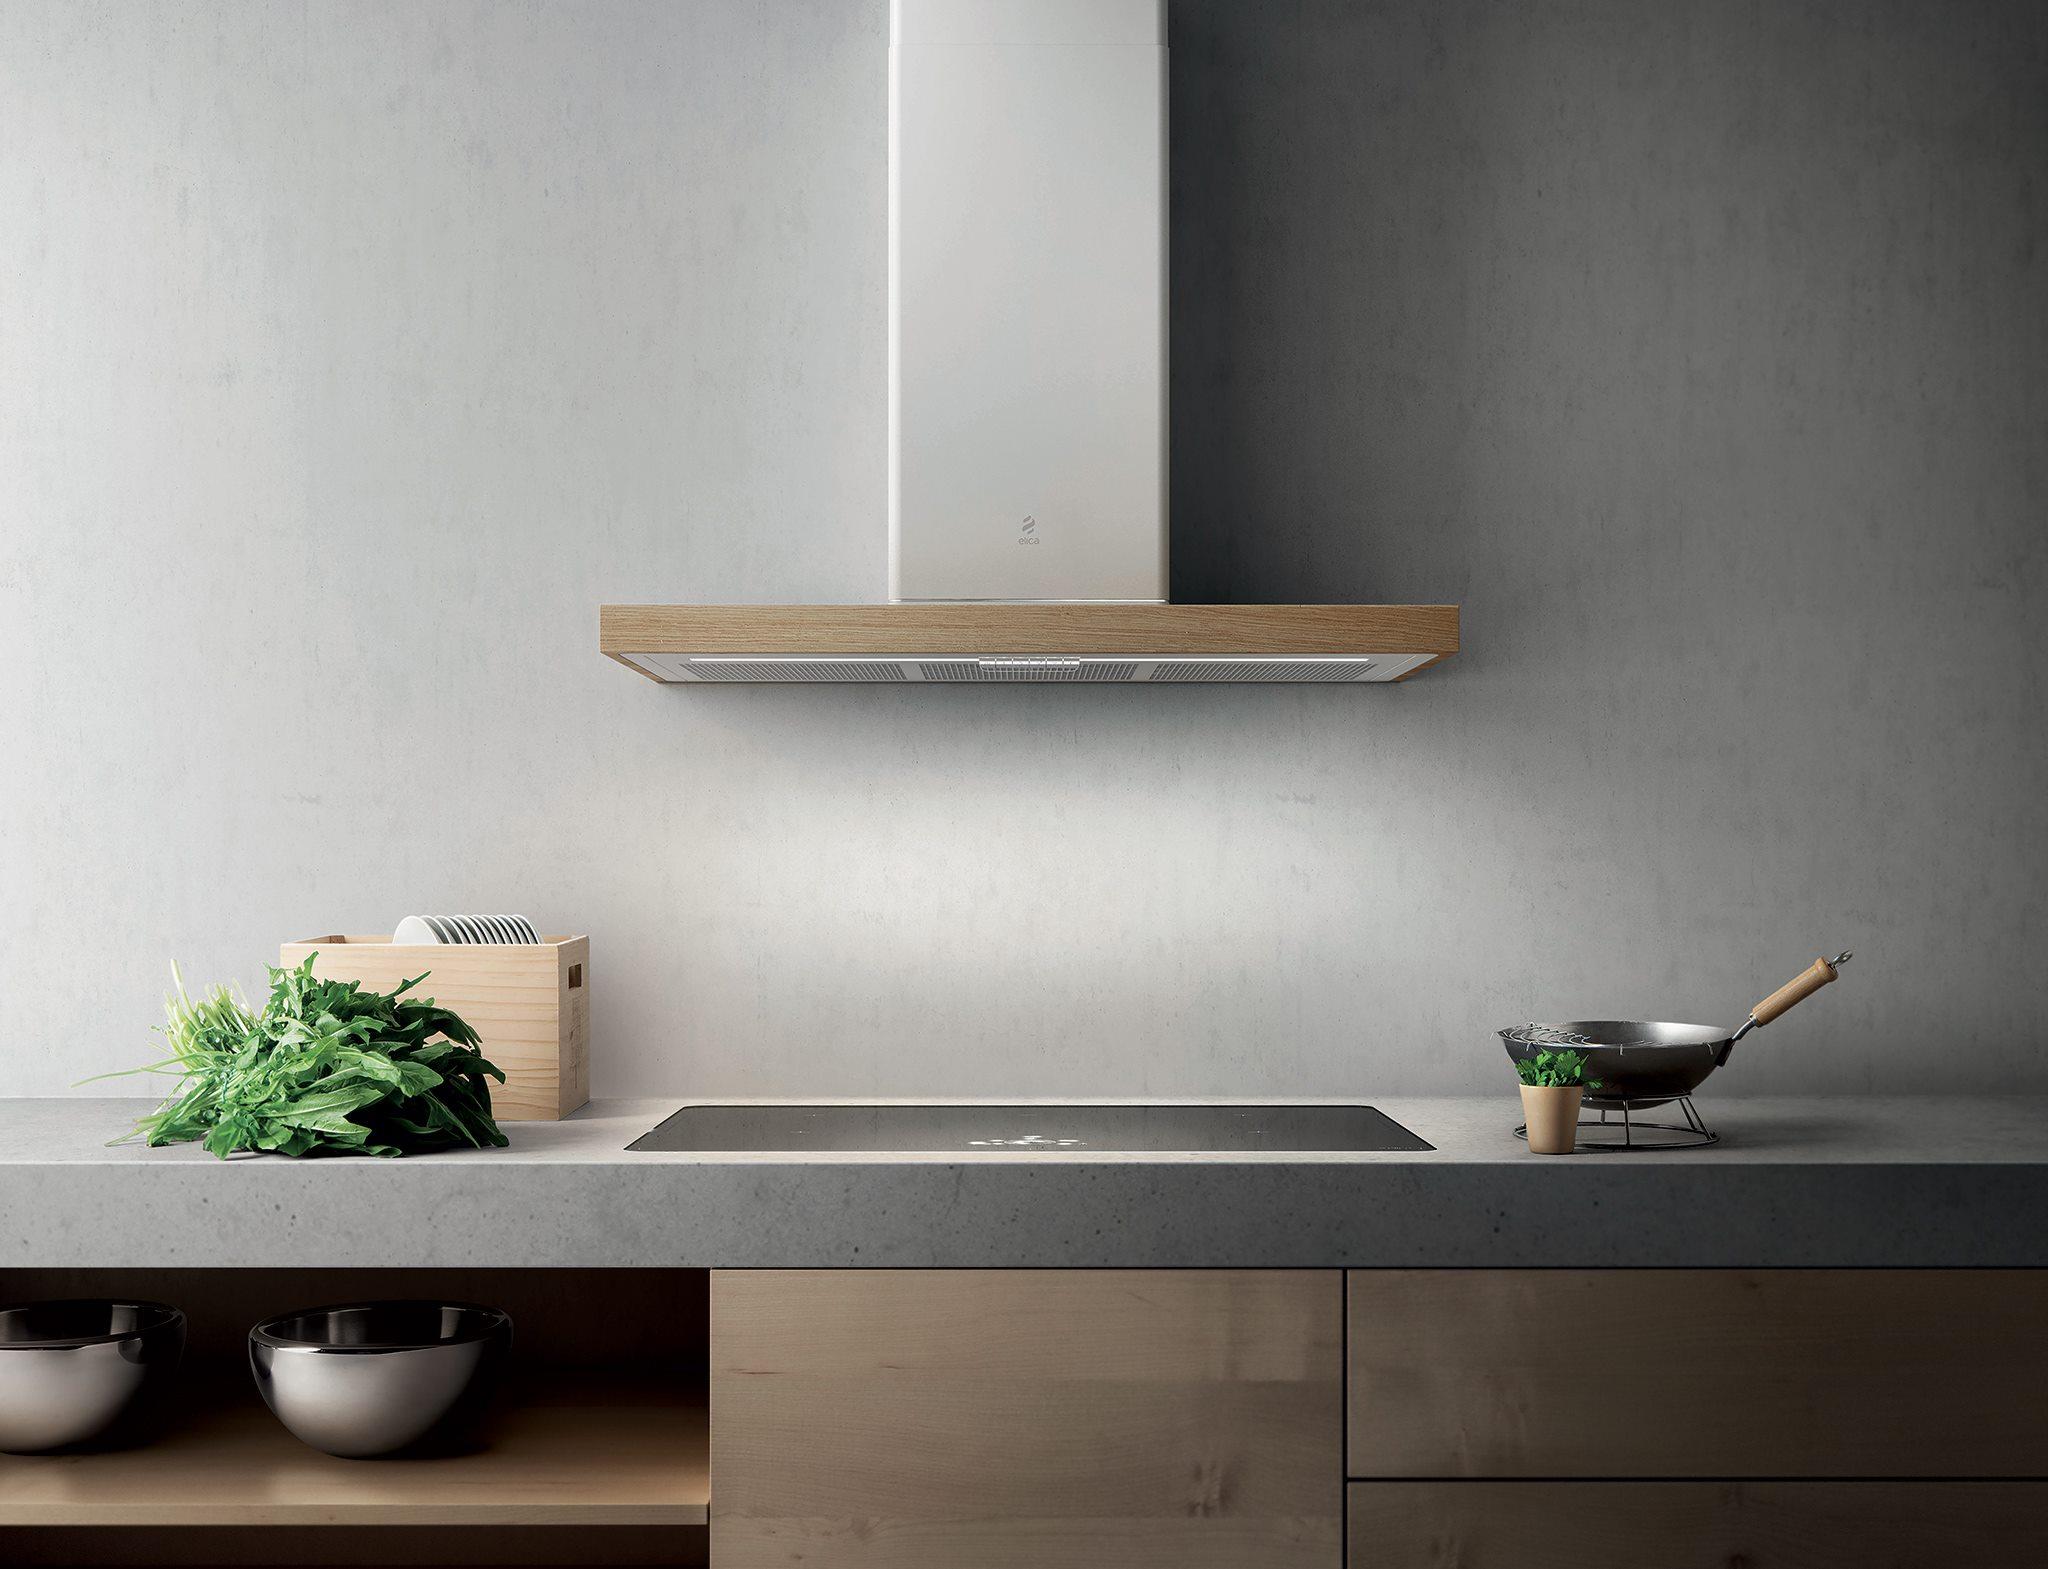 elica-campanas-ambientes-de-diseno-cocinas-con-diseno-unico-muebles-de-cocina-antalia-cocinas-proyecto-de-cocina-cocinas-de-diseno-exclusivo-8